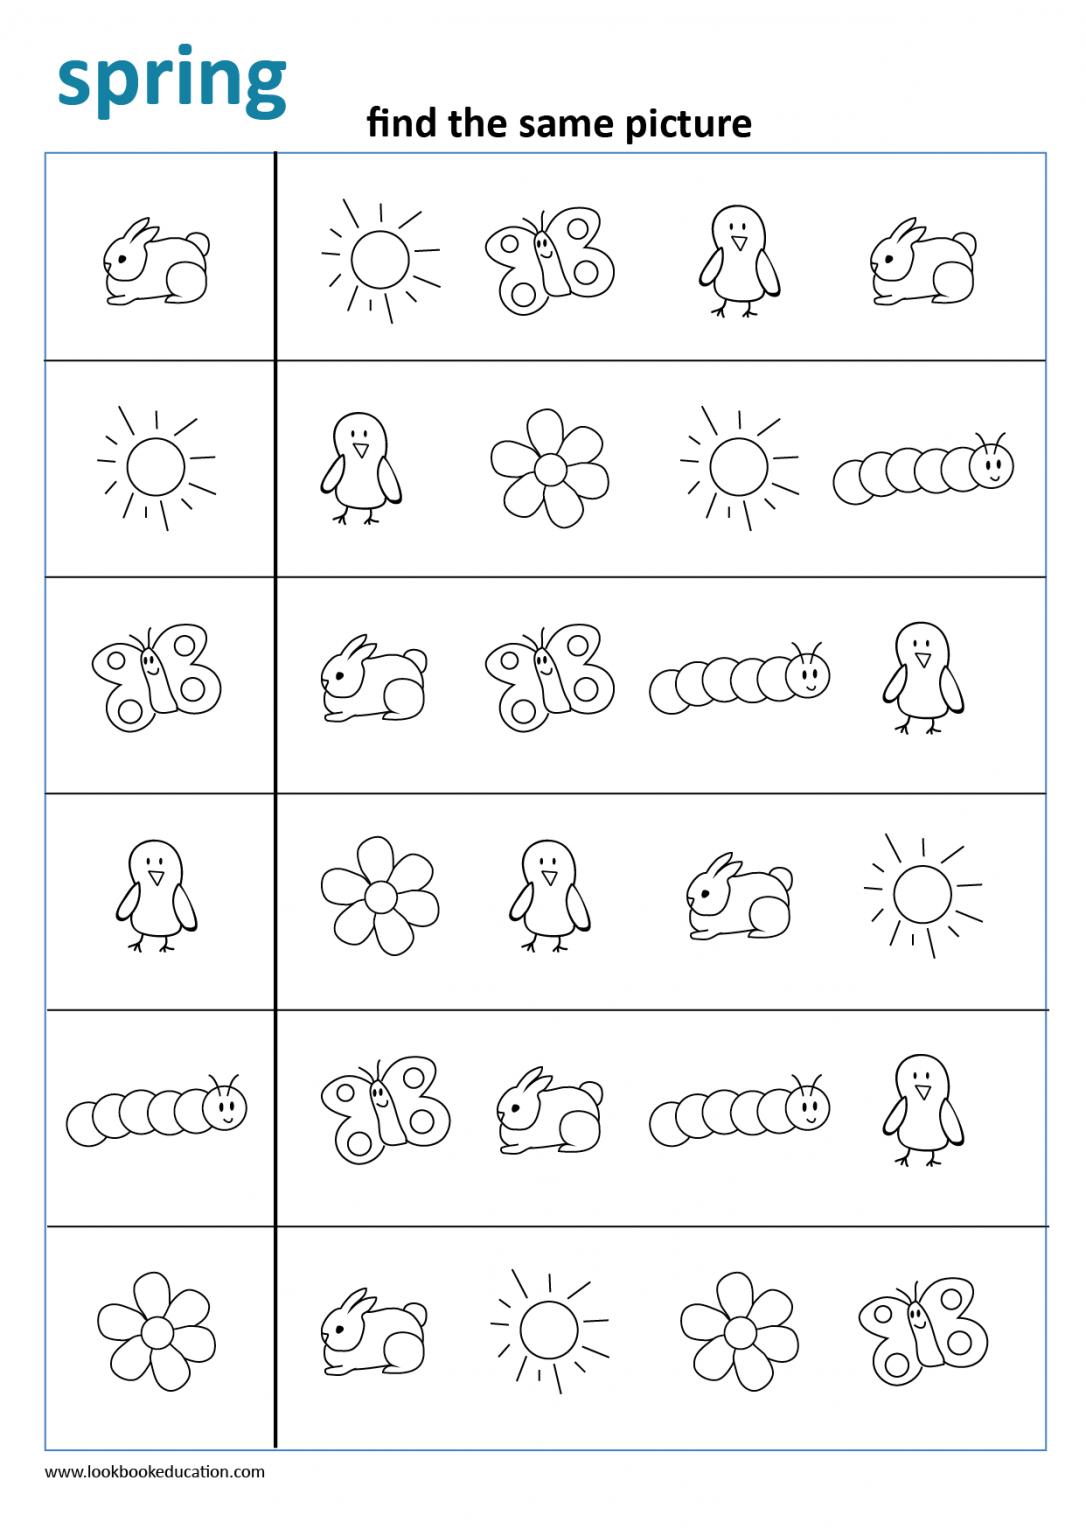 Worksheet Spring Bees Lookbook Education Preschool Worksheets Free Preschool Worksheets Kids Worksheets Preschool [ 1536 x 1086 Pixel ]